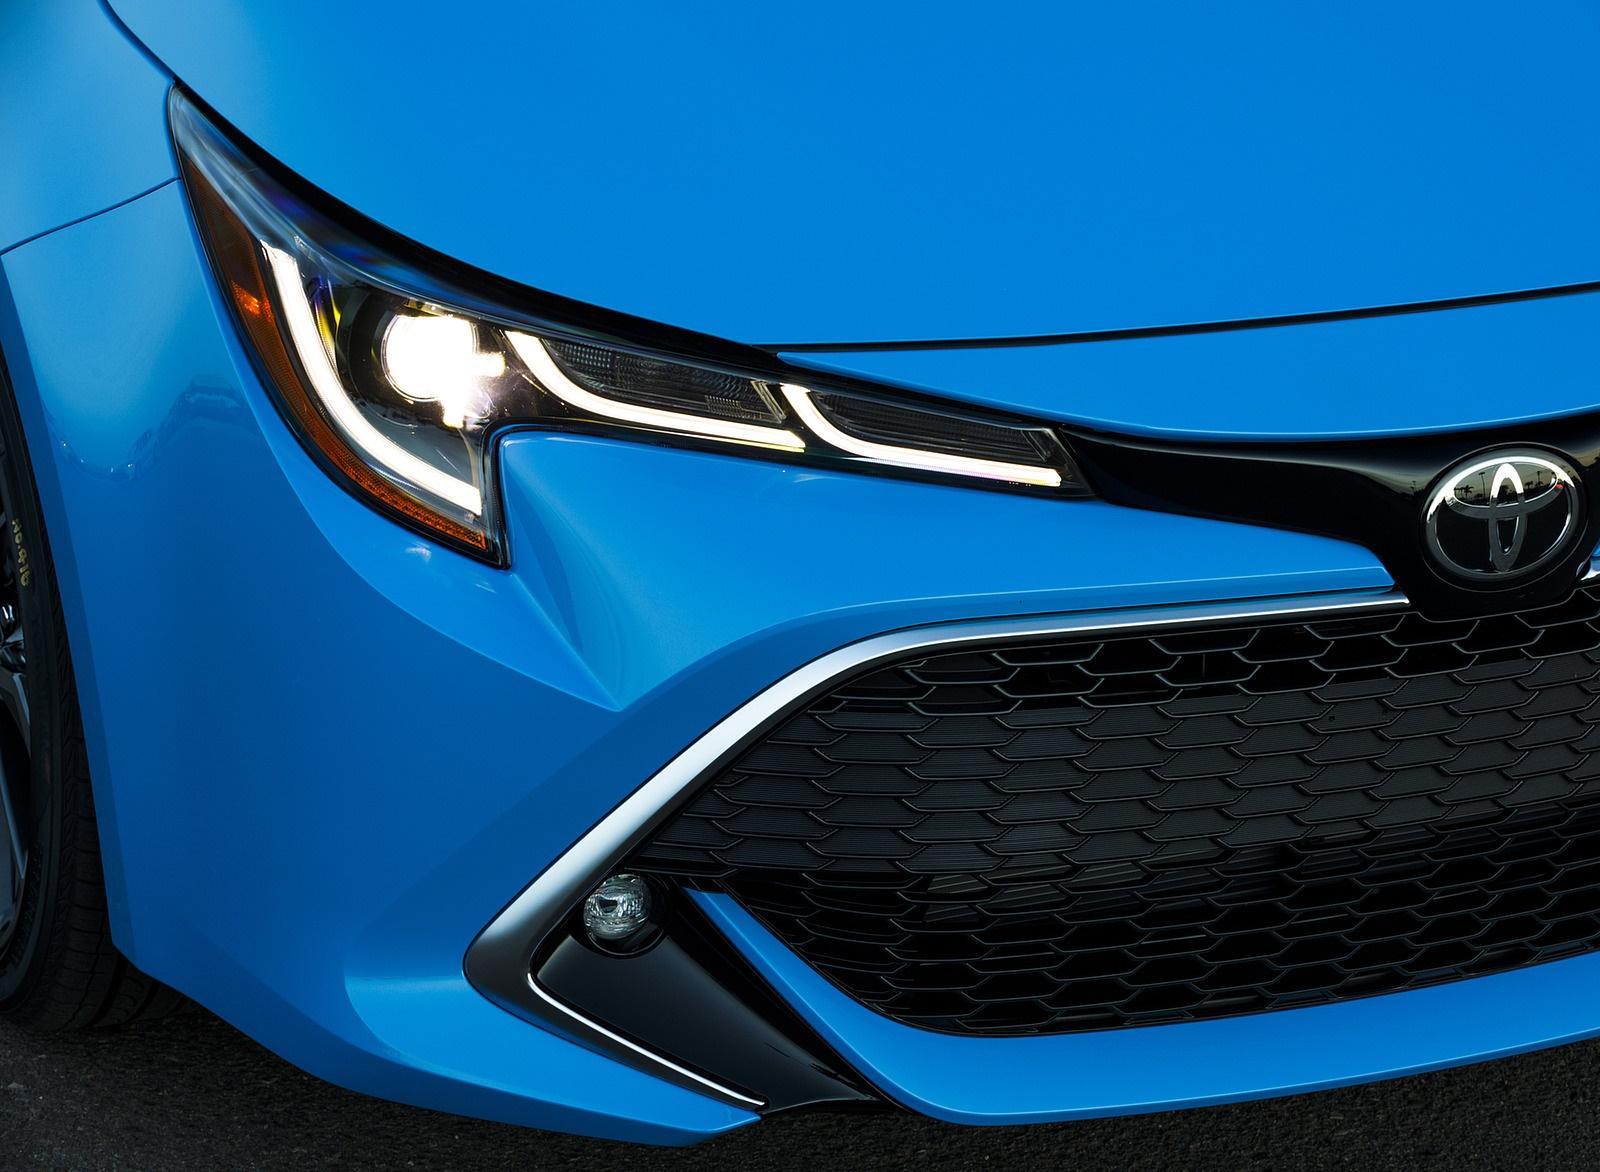 2019 Toyota Corolla Hatchback Headlight Wallpapers #34 of 75